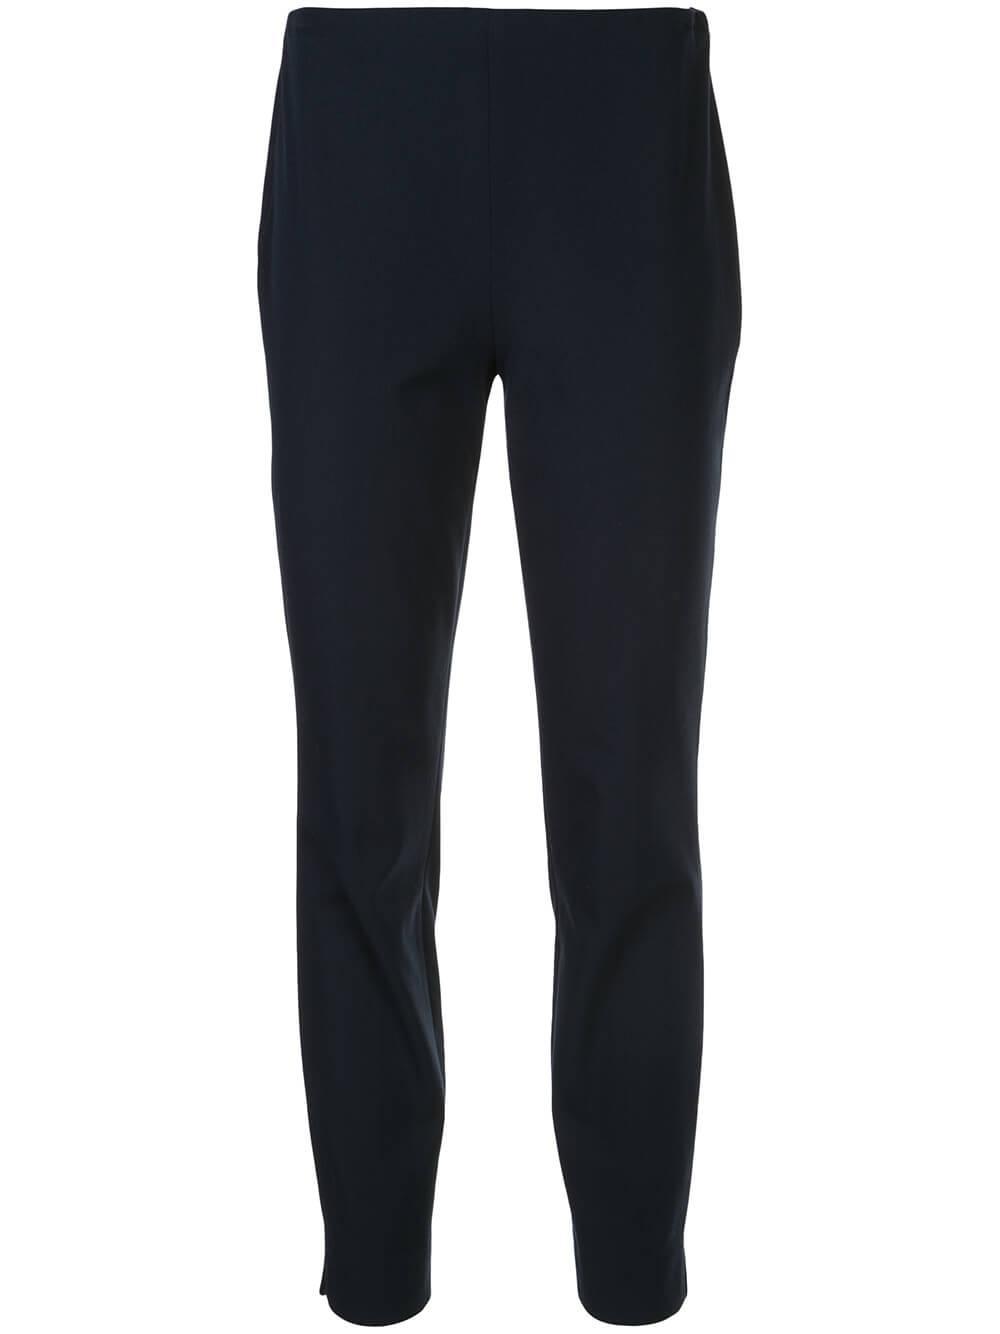 Slim Leg Pant Item # 211782173006